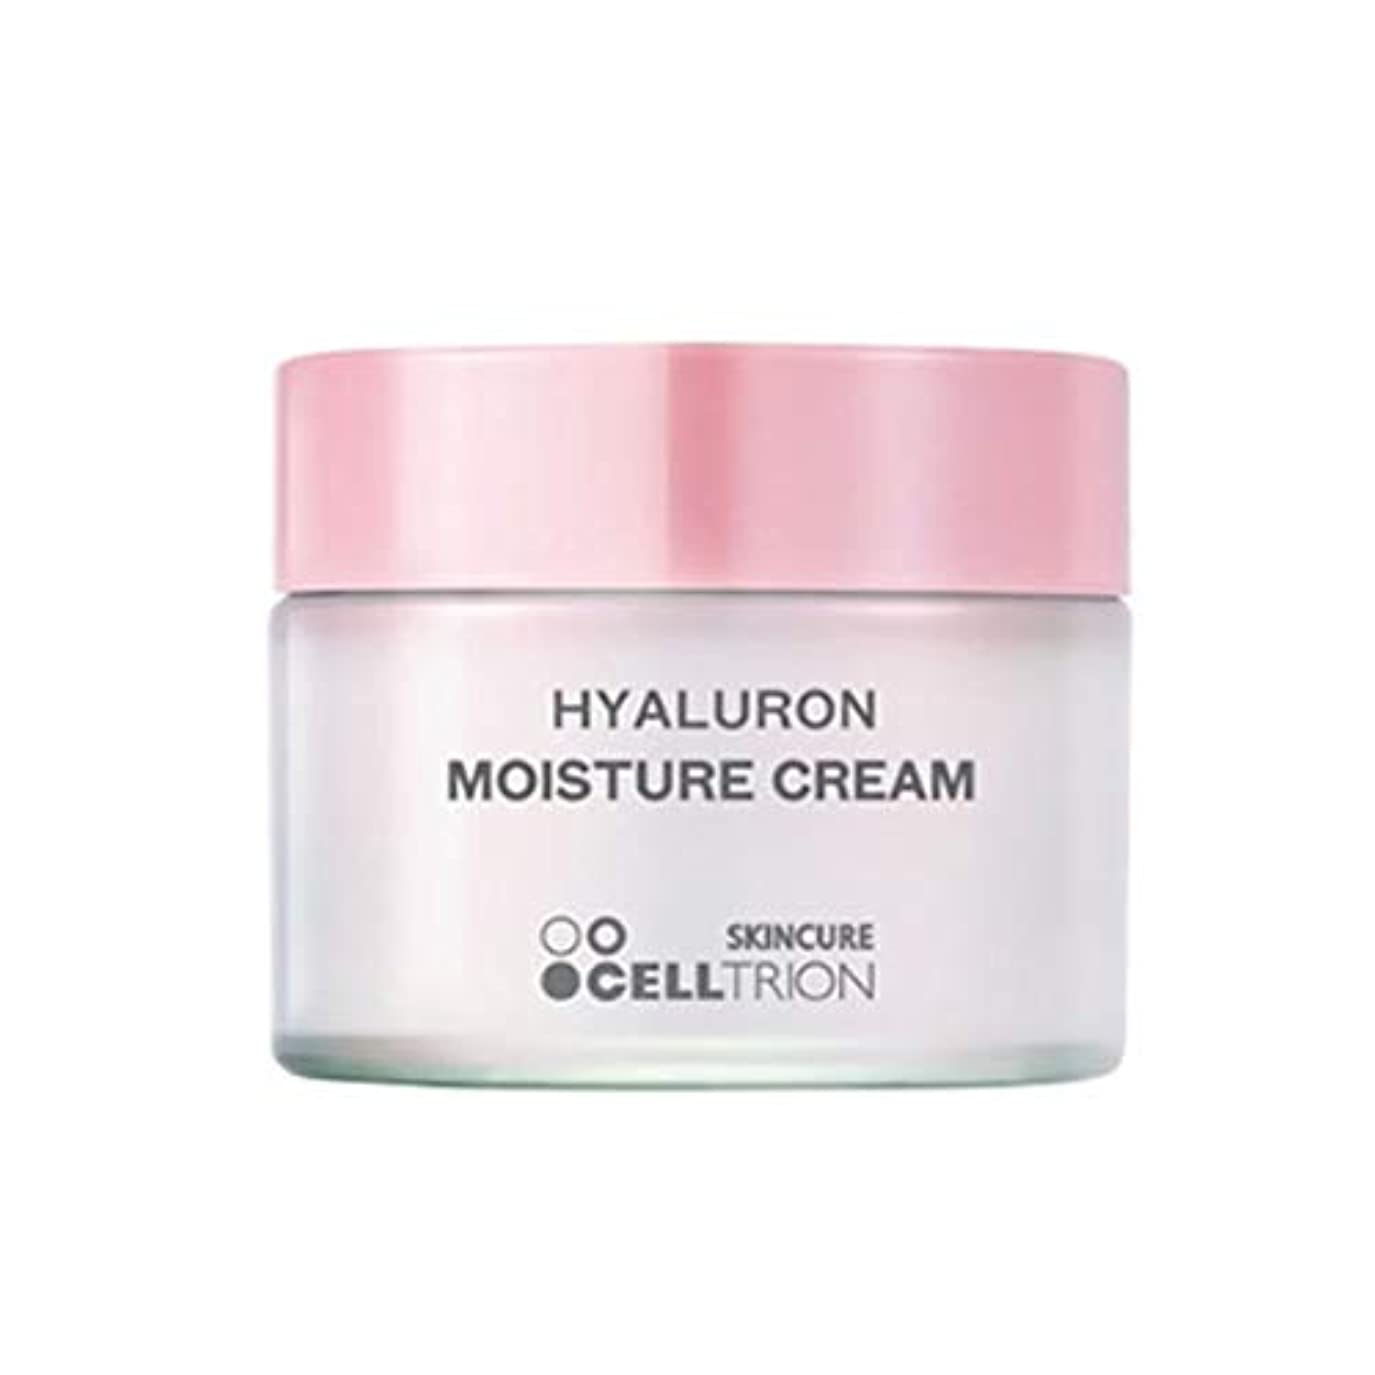 道を作る楽観的パプアニューギニアセルトリオンスキンキュアヒアルロンモイスチャークリーム50gしわ改善、Celltrion Skincure Hyaluron Moisture Cream 50g Anti-Wrinkle [並行輸入品]